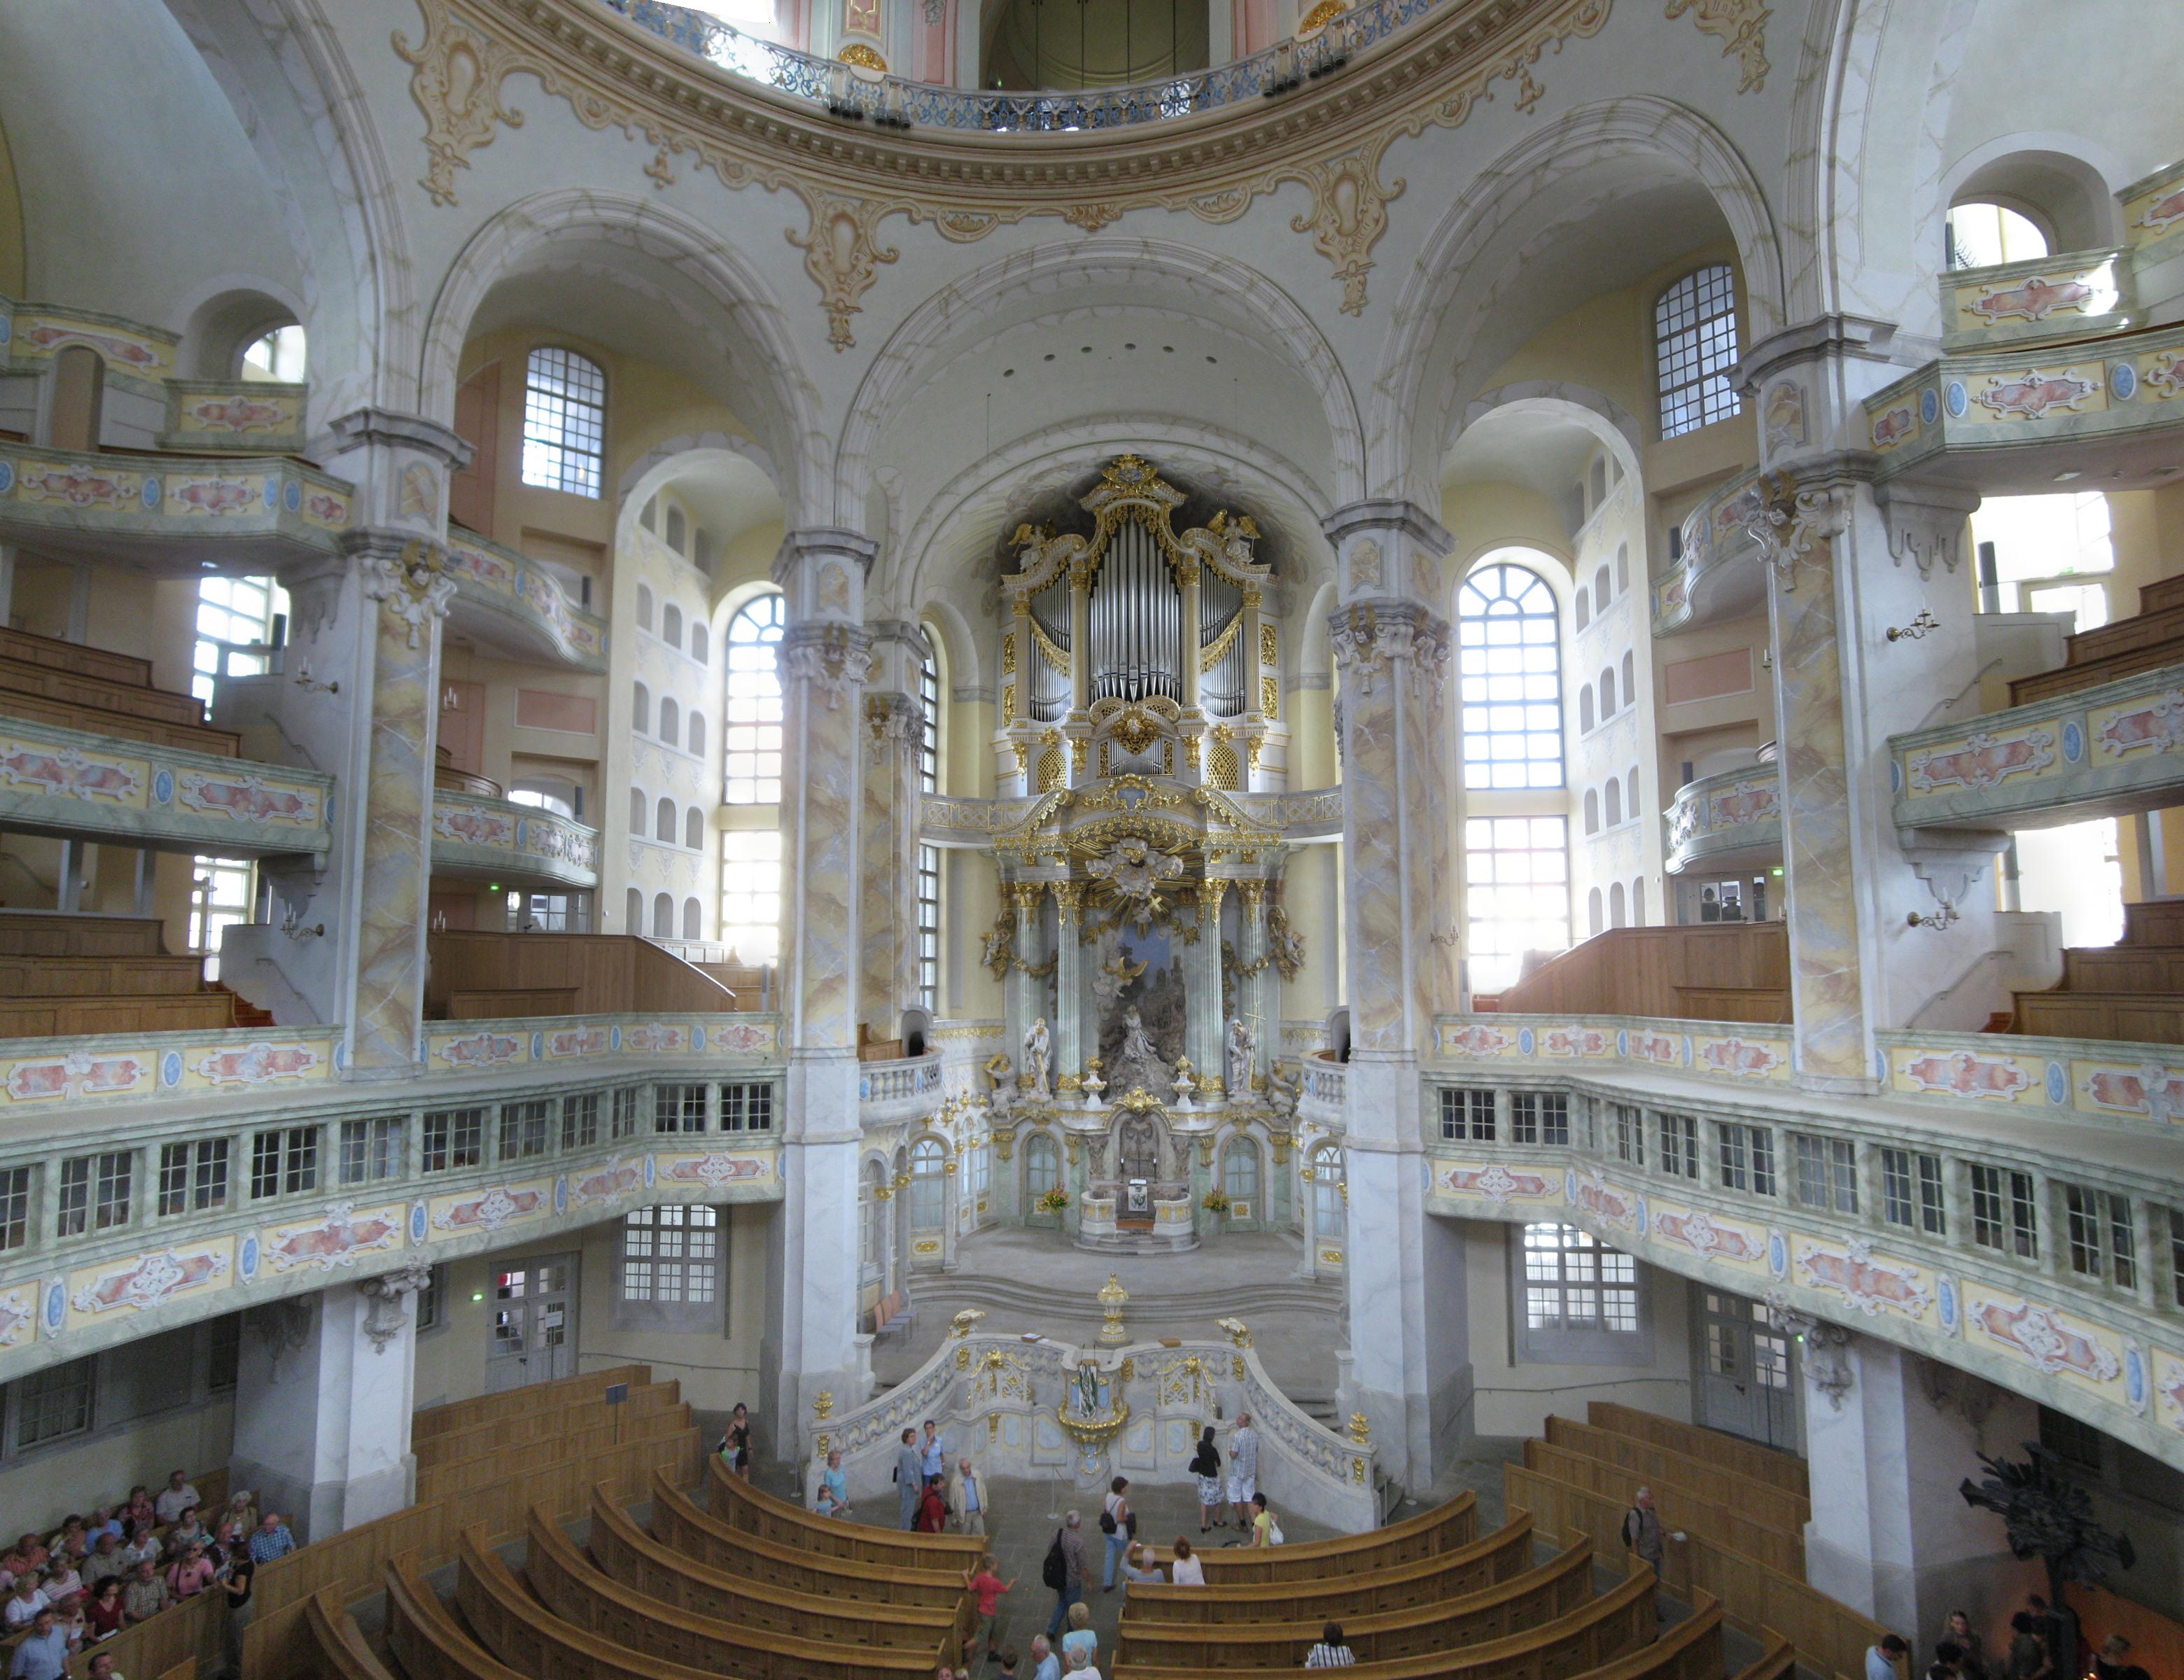 Frauenkirche_interior_2008_001-Frauenkir